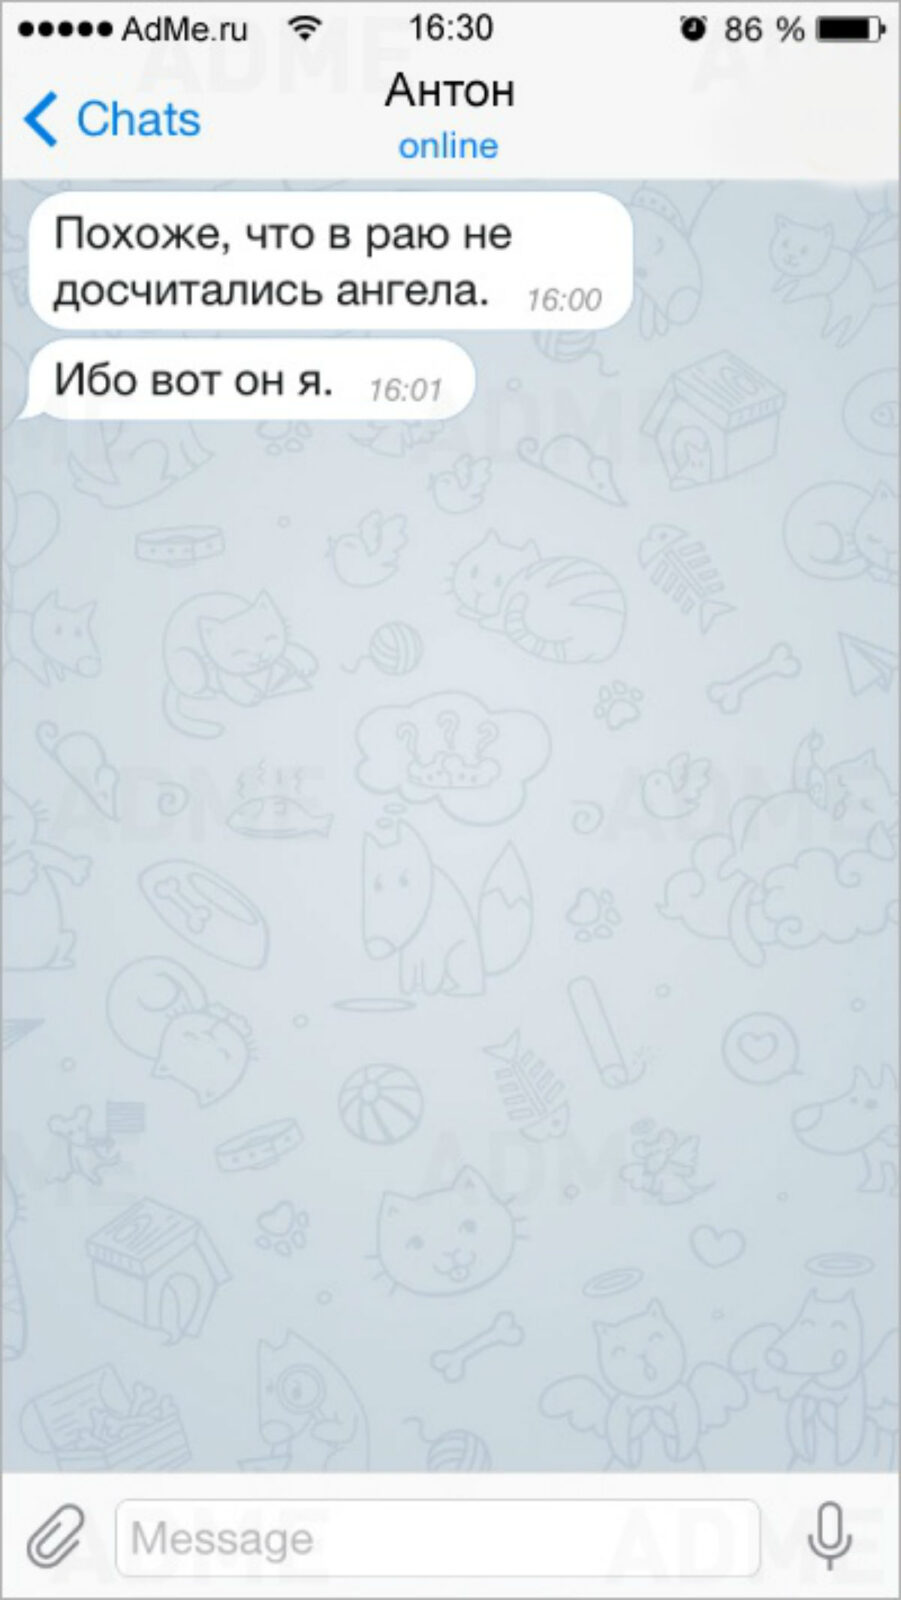 Жизненные СМС, читая которые хочется плакать от смеха